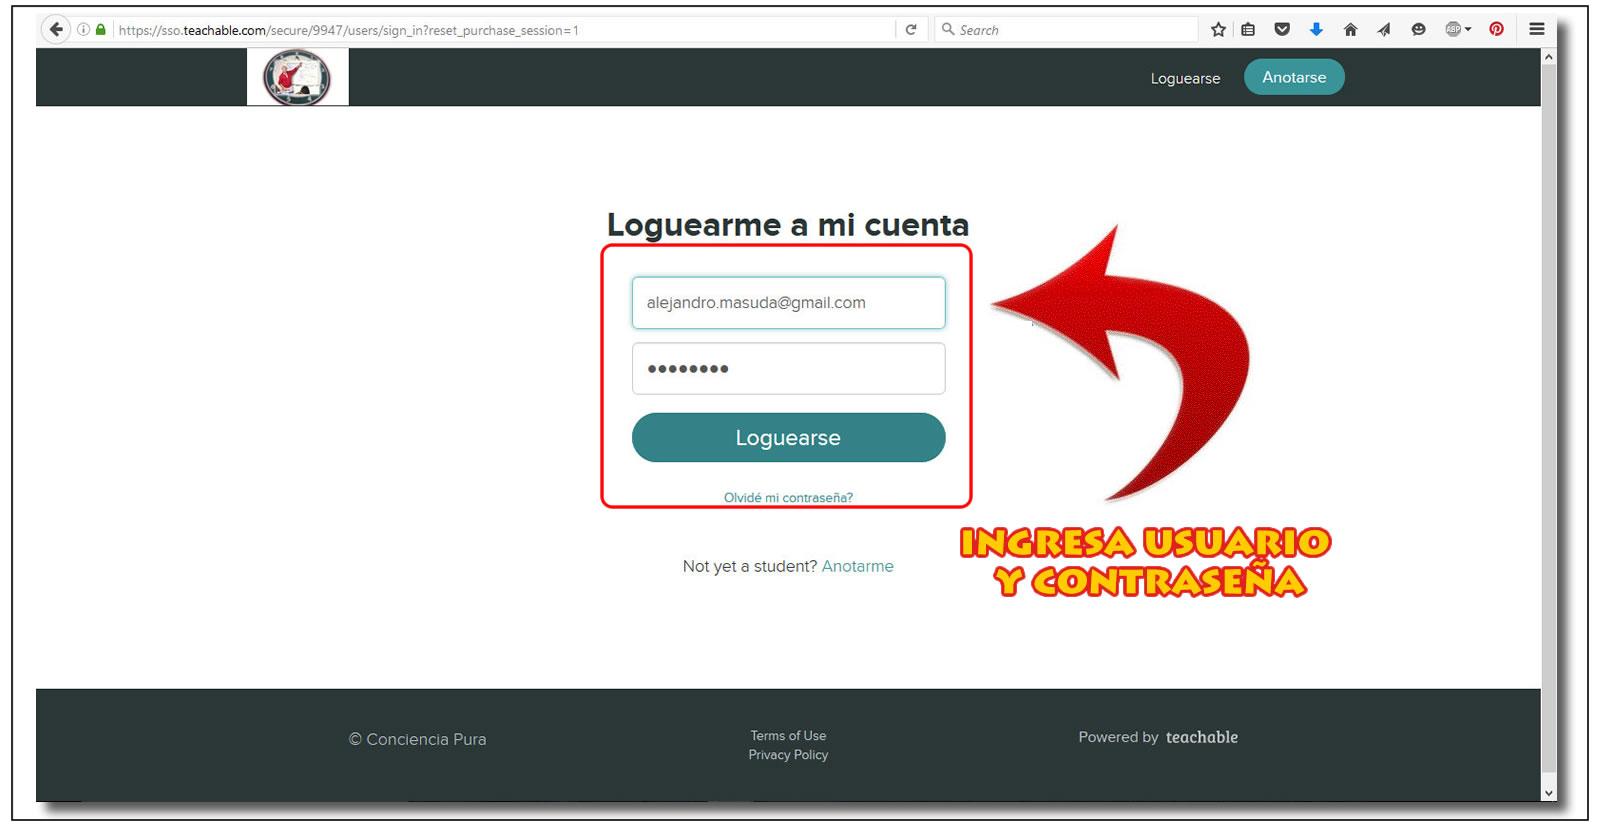 GUIA INGRESO A FEDORA 2-USUARIO&CONRASEñA 1-Fullscreen capture 8222016 14545 PM